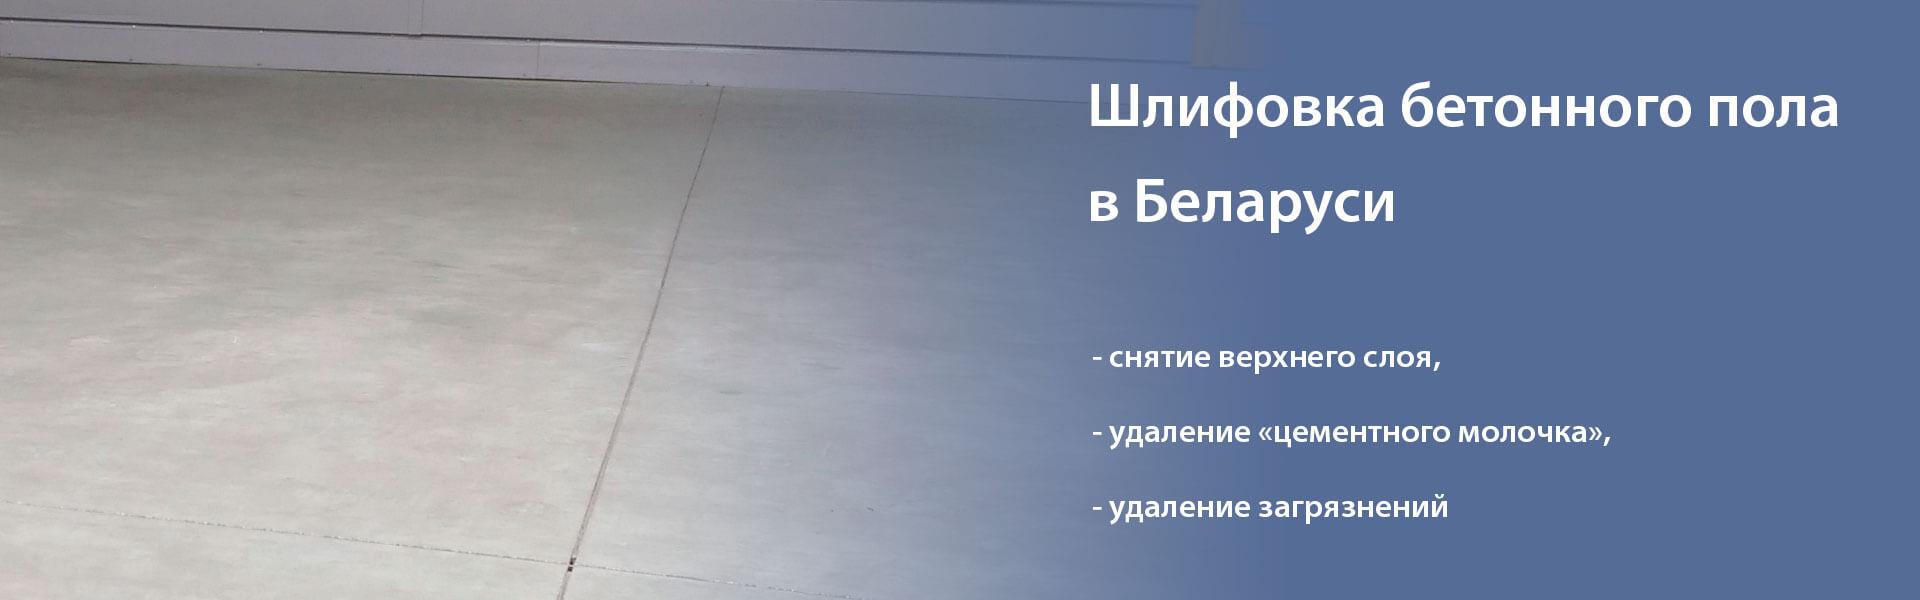 Шлифовка бетонного пола: что из себя представляет и для чего проводится